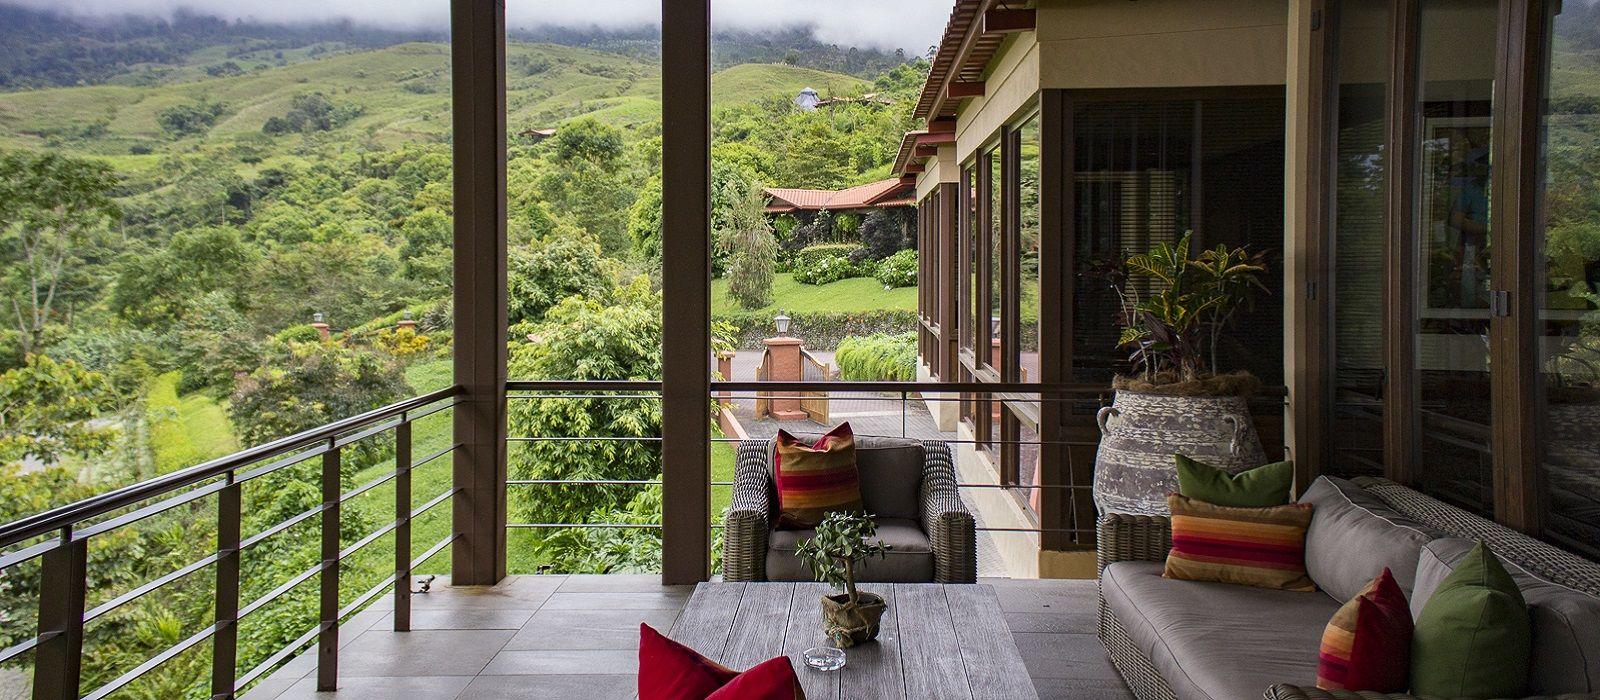 Costa Rica: Luxus in der Wildnis Urlaub 2